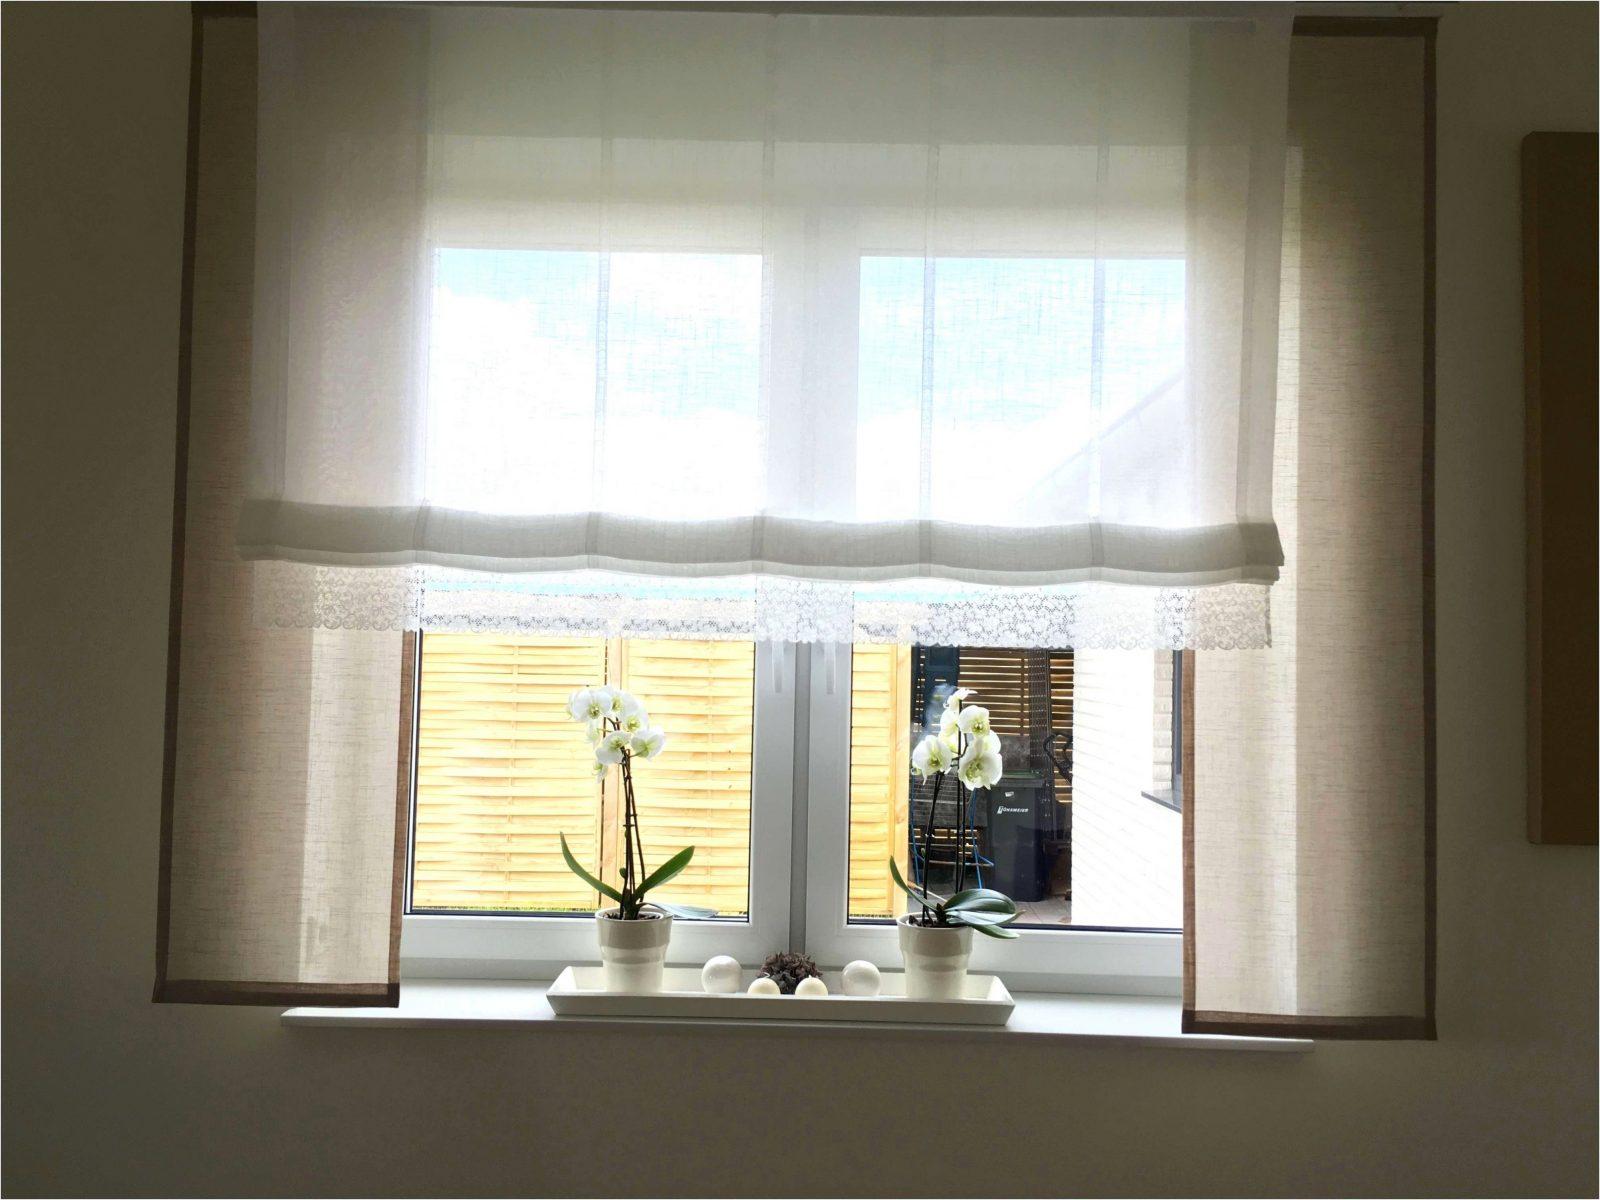 Vorhänge Fenster Modern Für Planen Gardinen Für Balkontür Ohne Bohren von Gardinen Für Balkontür Ohne Bohren Bild